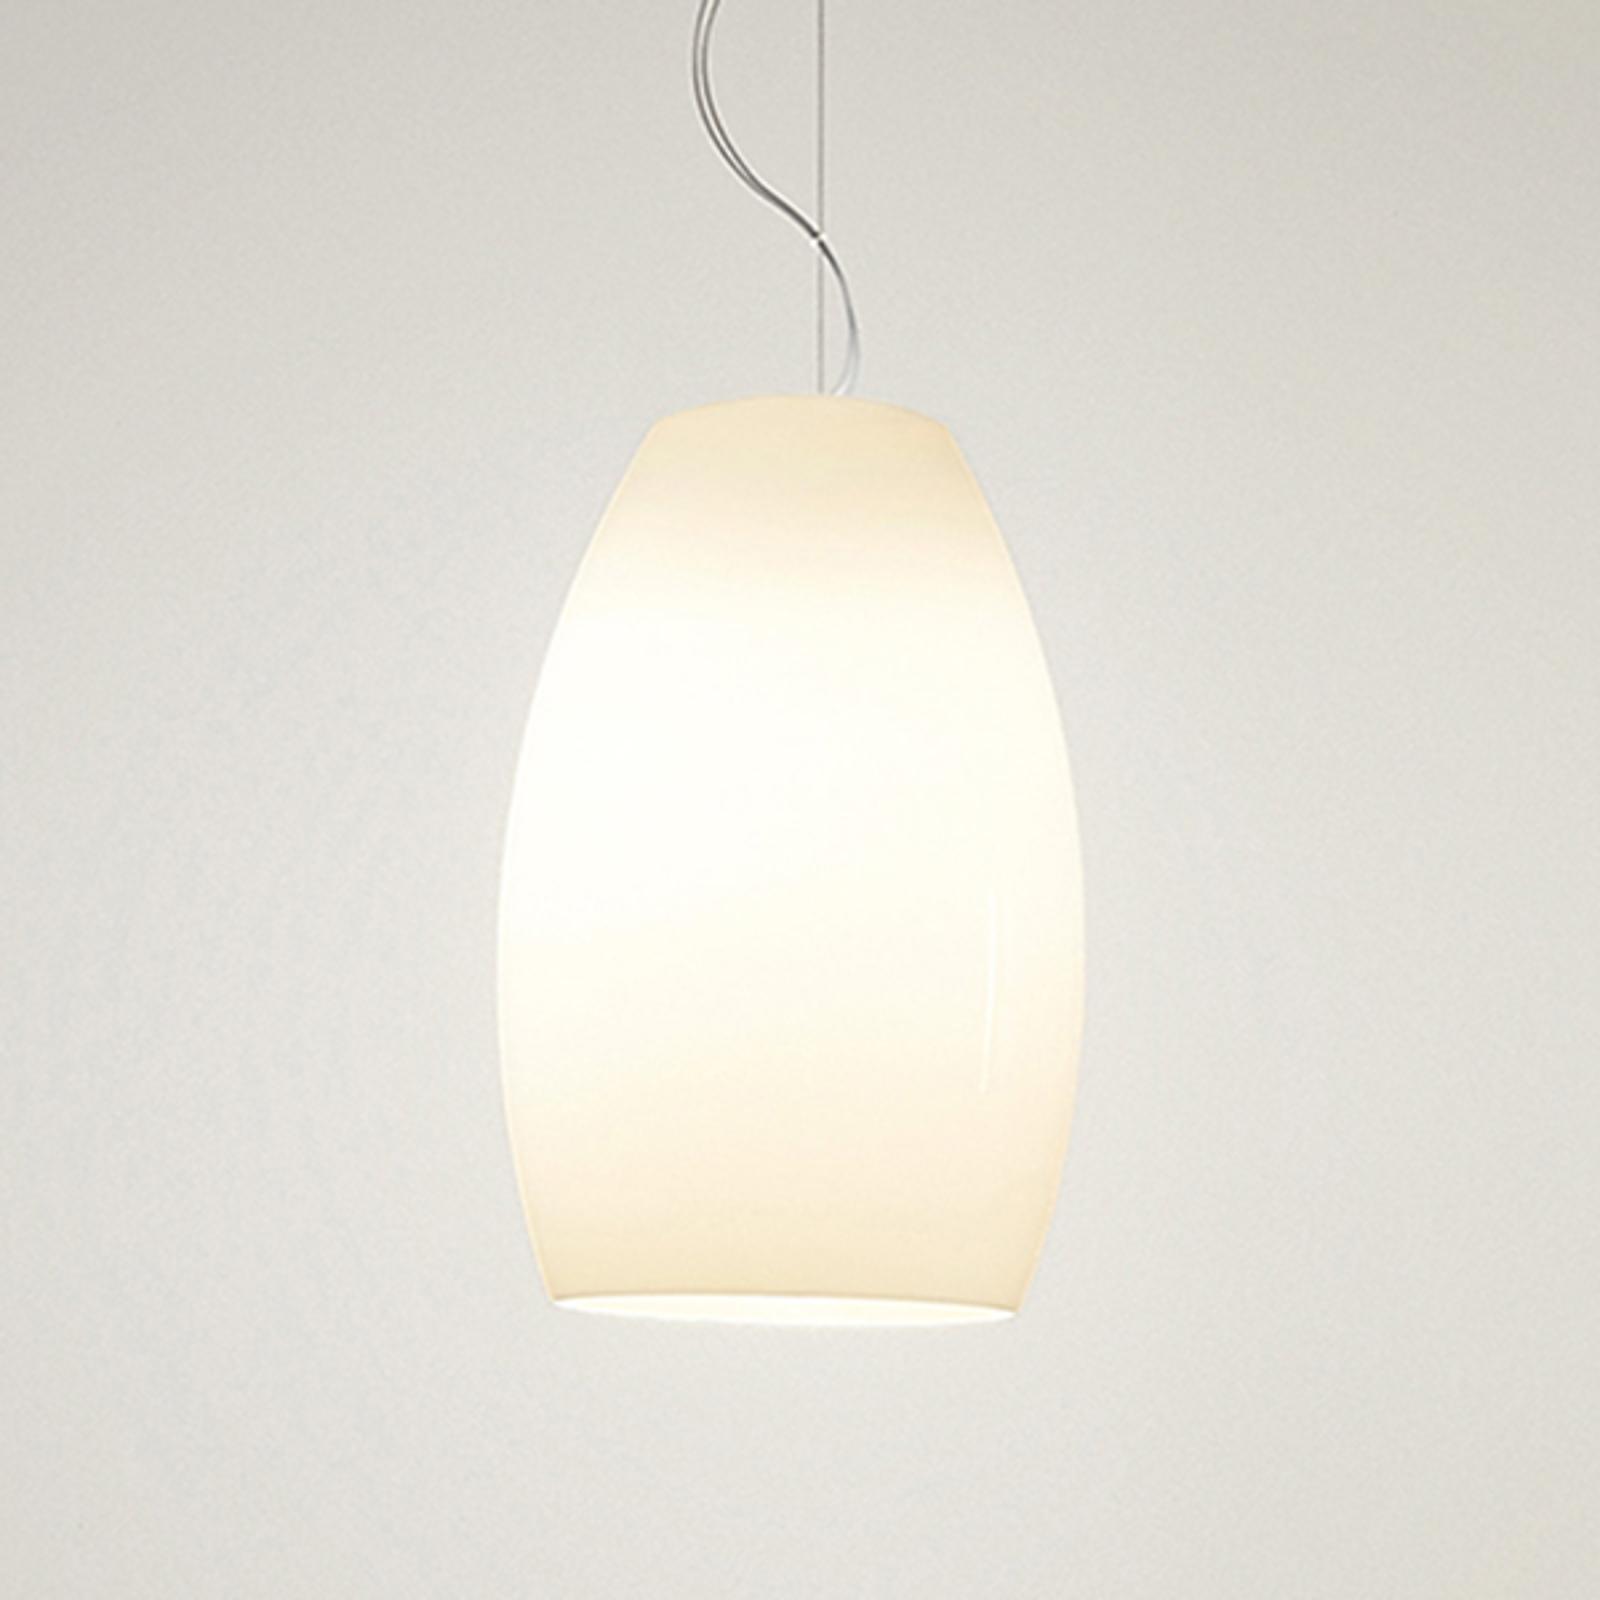 Foscarini MyLight Buds 1 -LED-riippuvalaisin